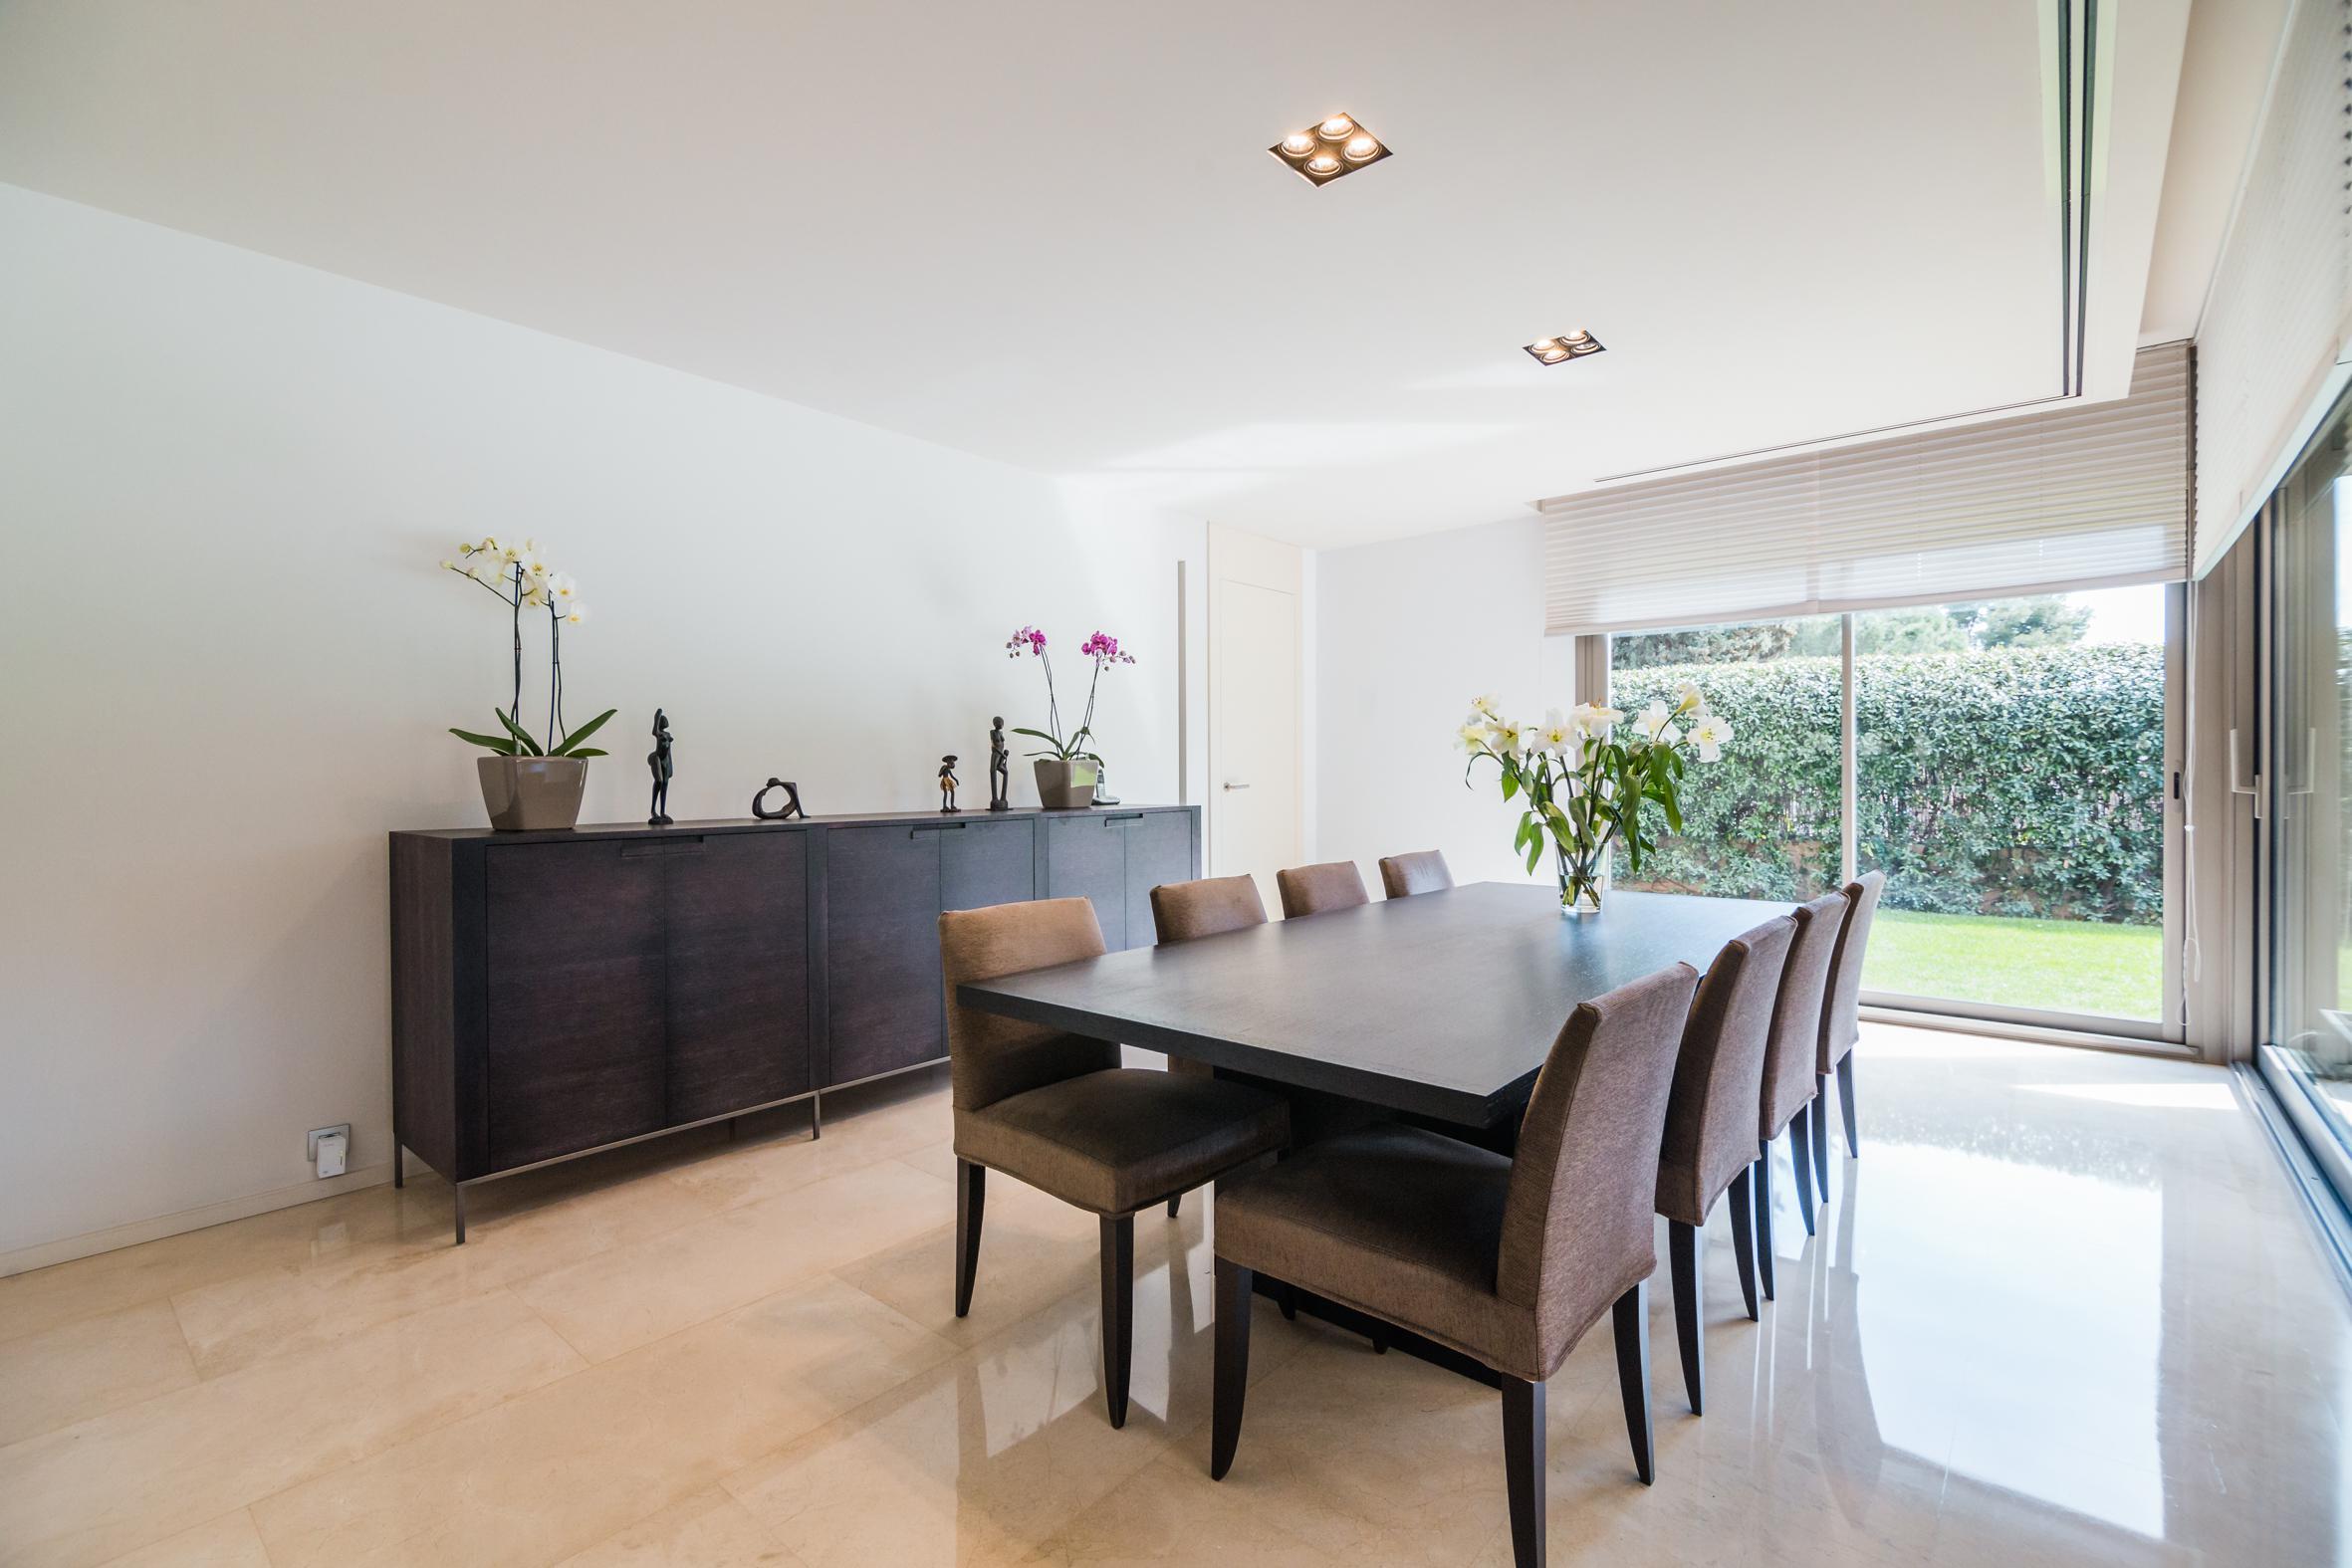 204447 Casa en venda en Les Corts, Pedralbes 4